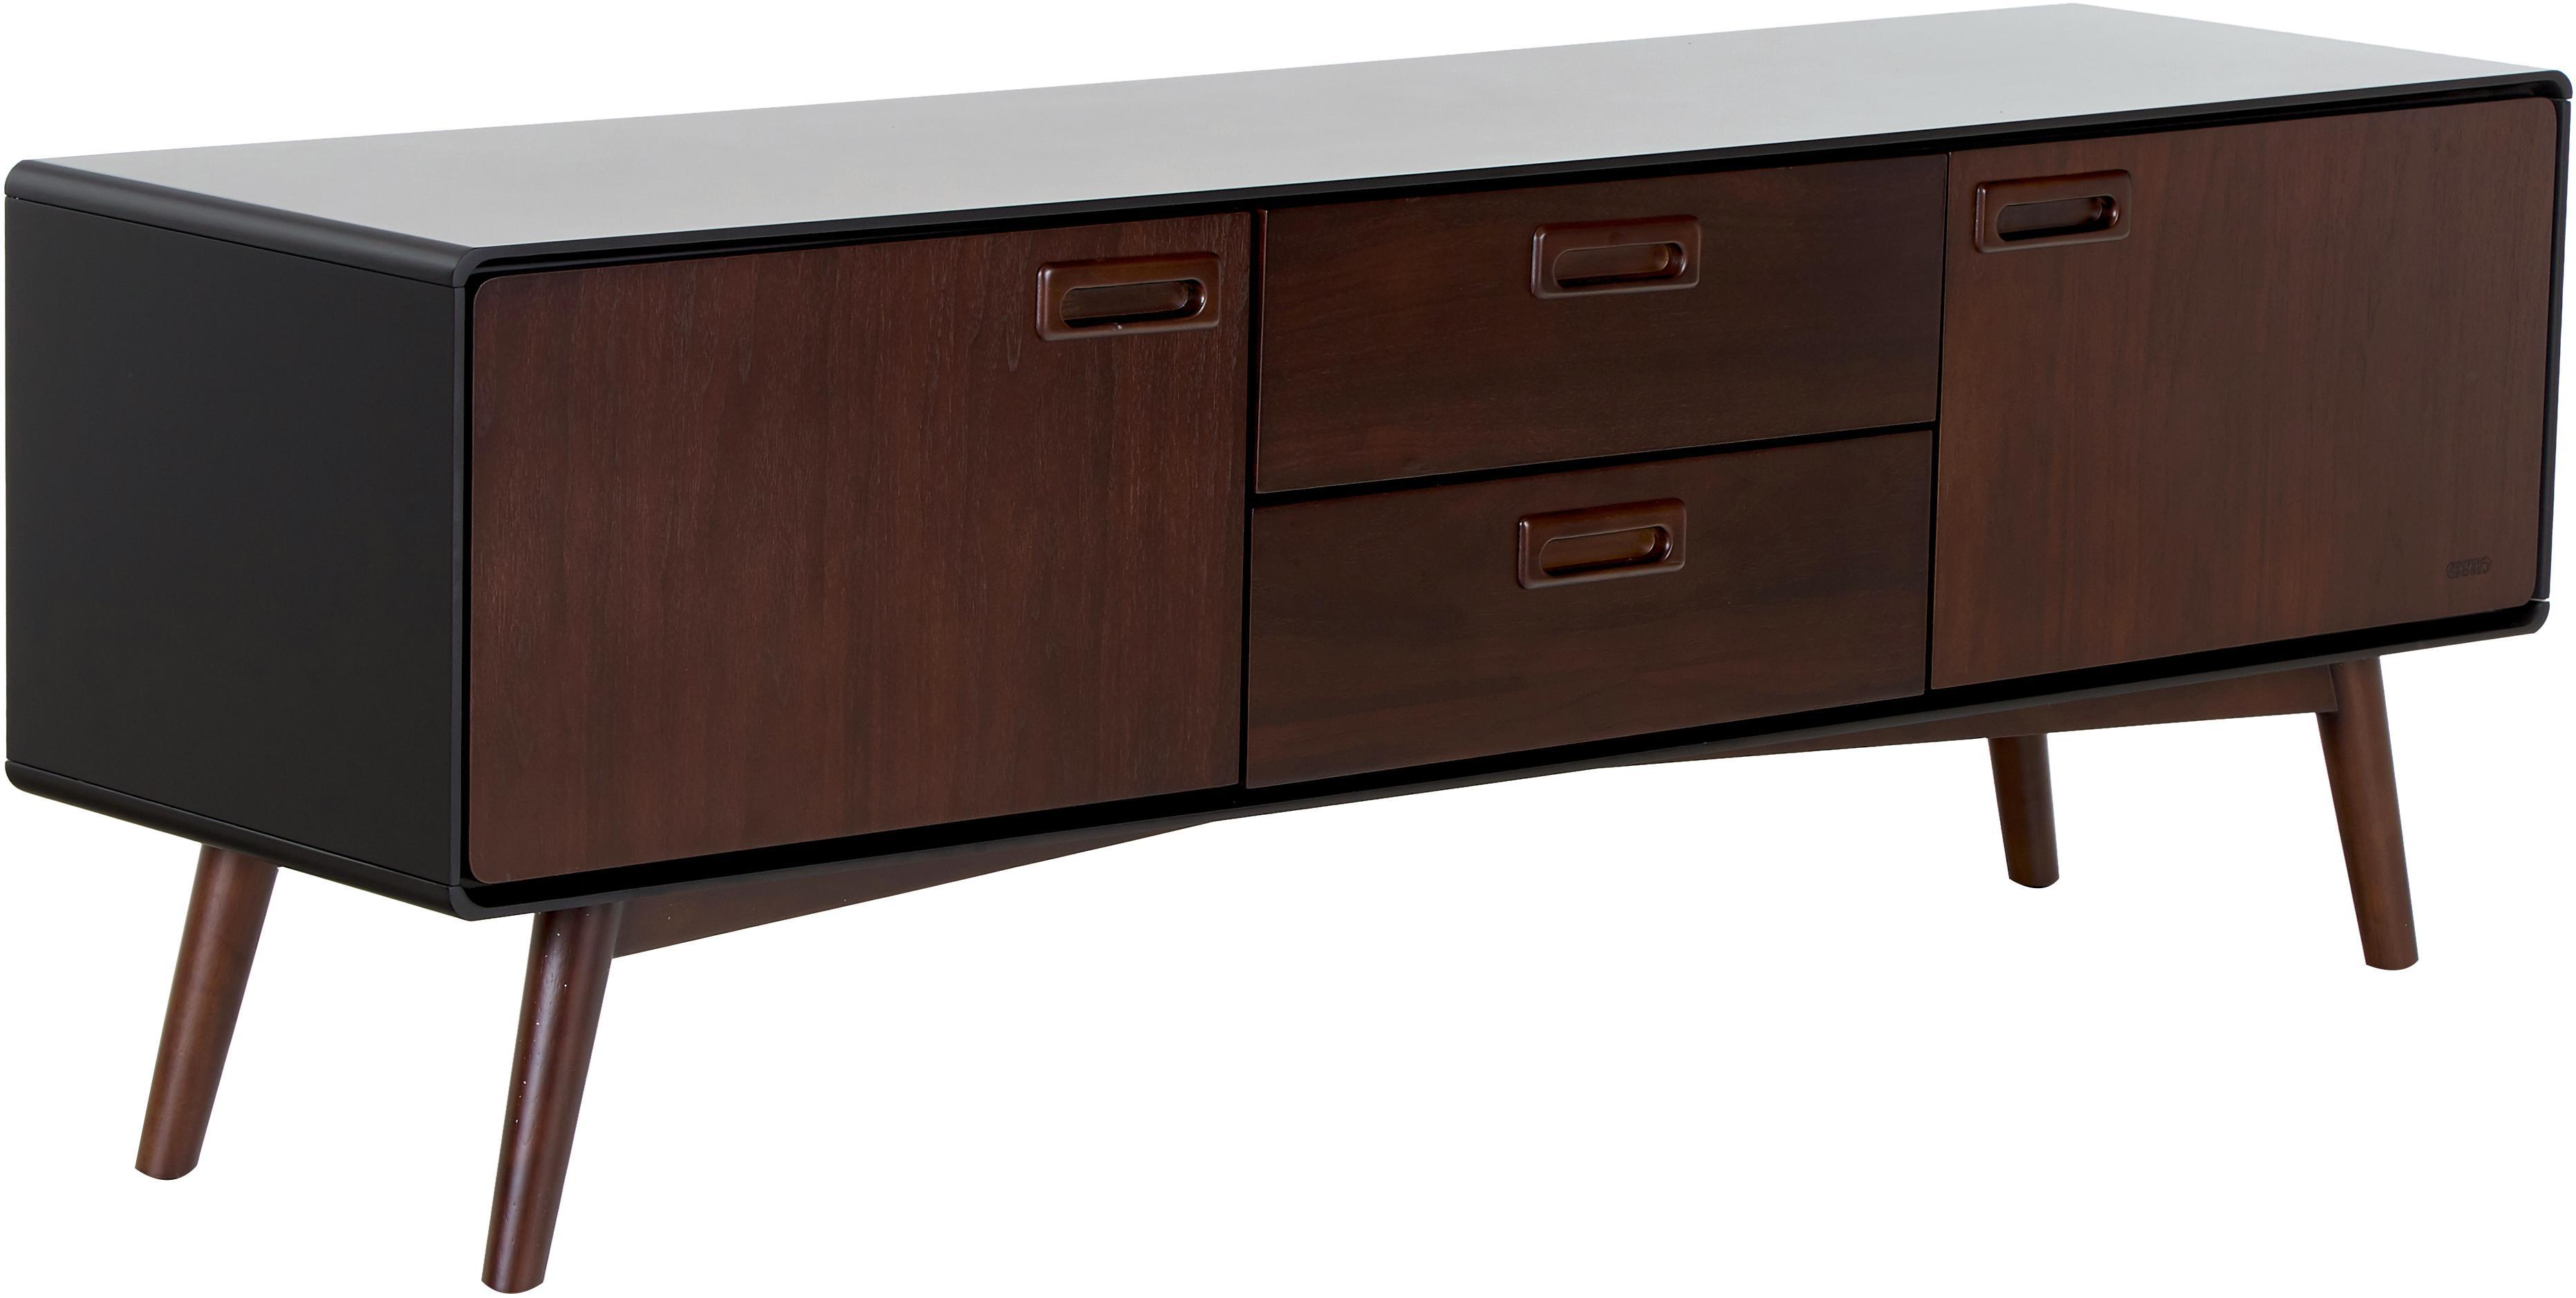 Retro Lowboard Juju mit Walnussfurnier, Füße: Eschenholz, massiv, gebei, Braun, Schwarz, 150 x 53 cm